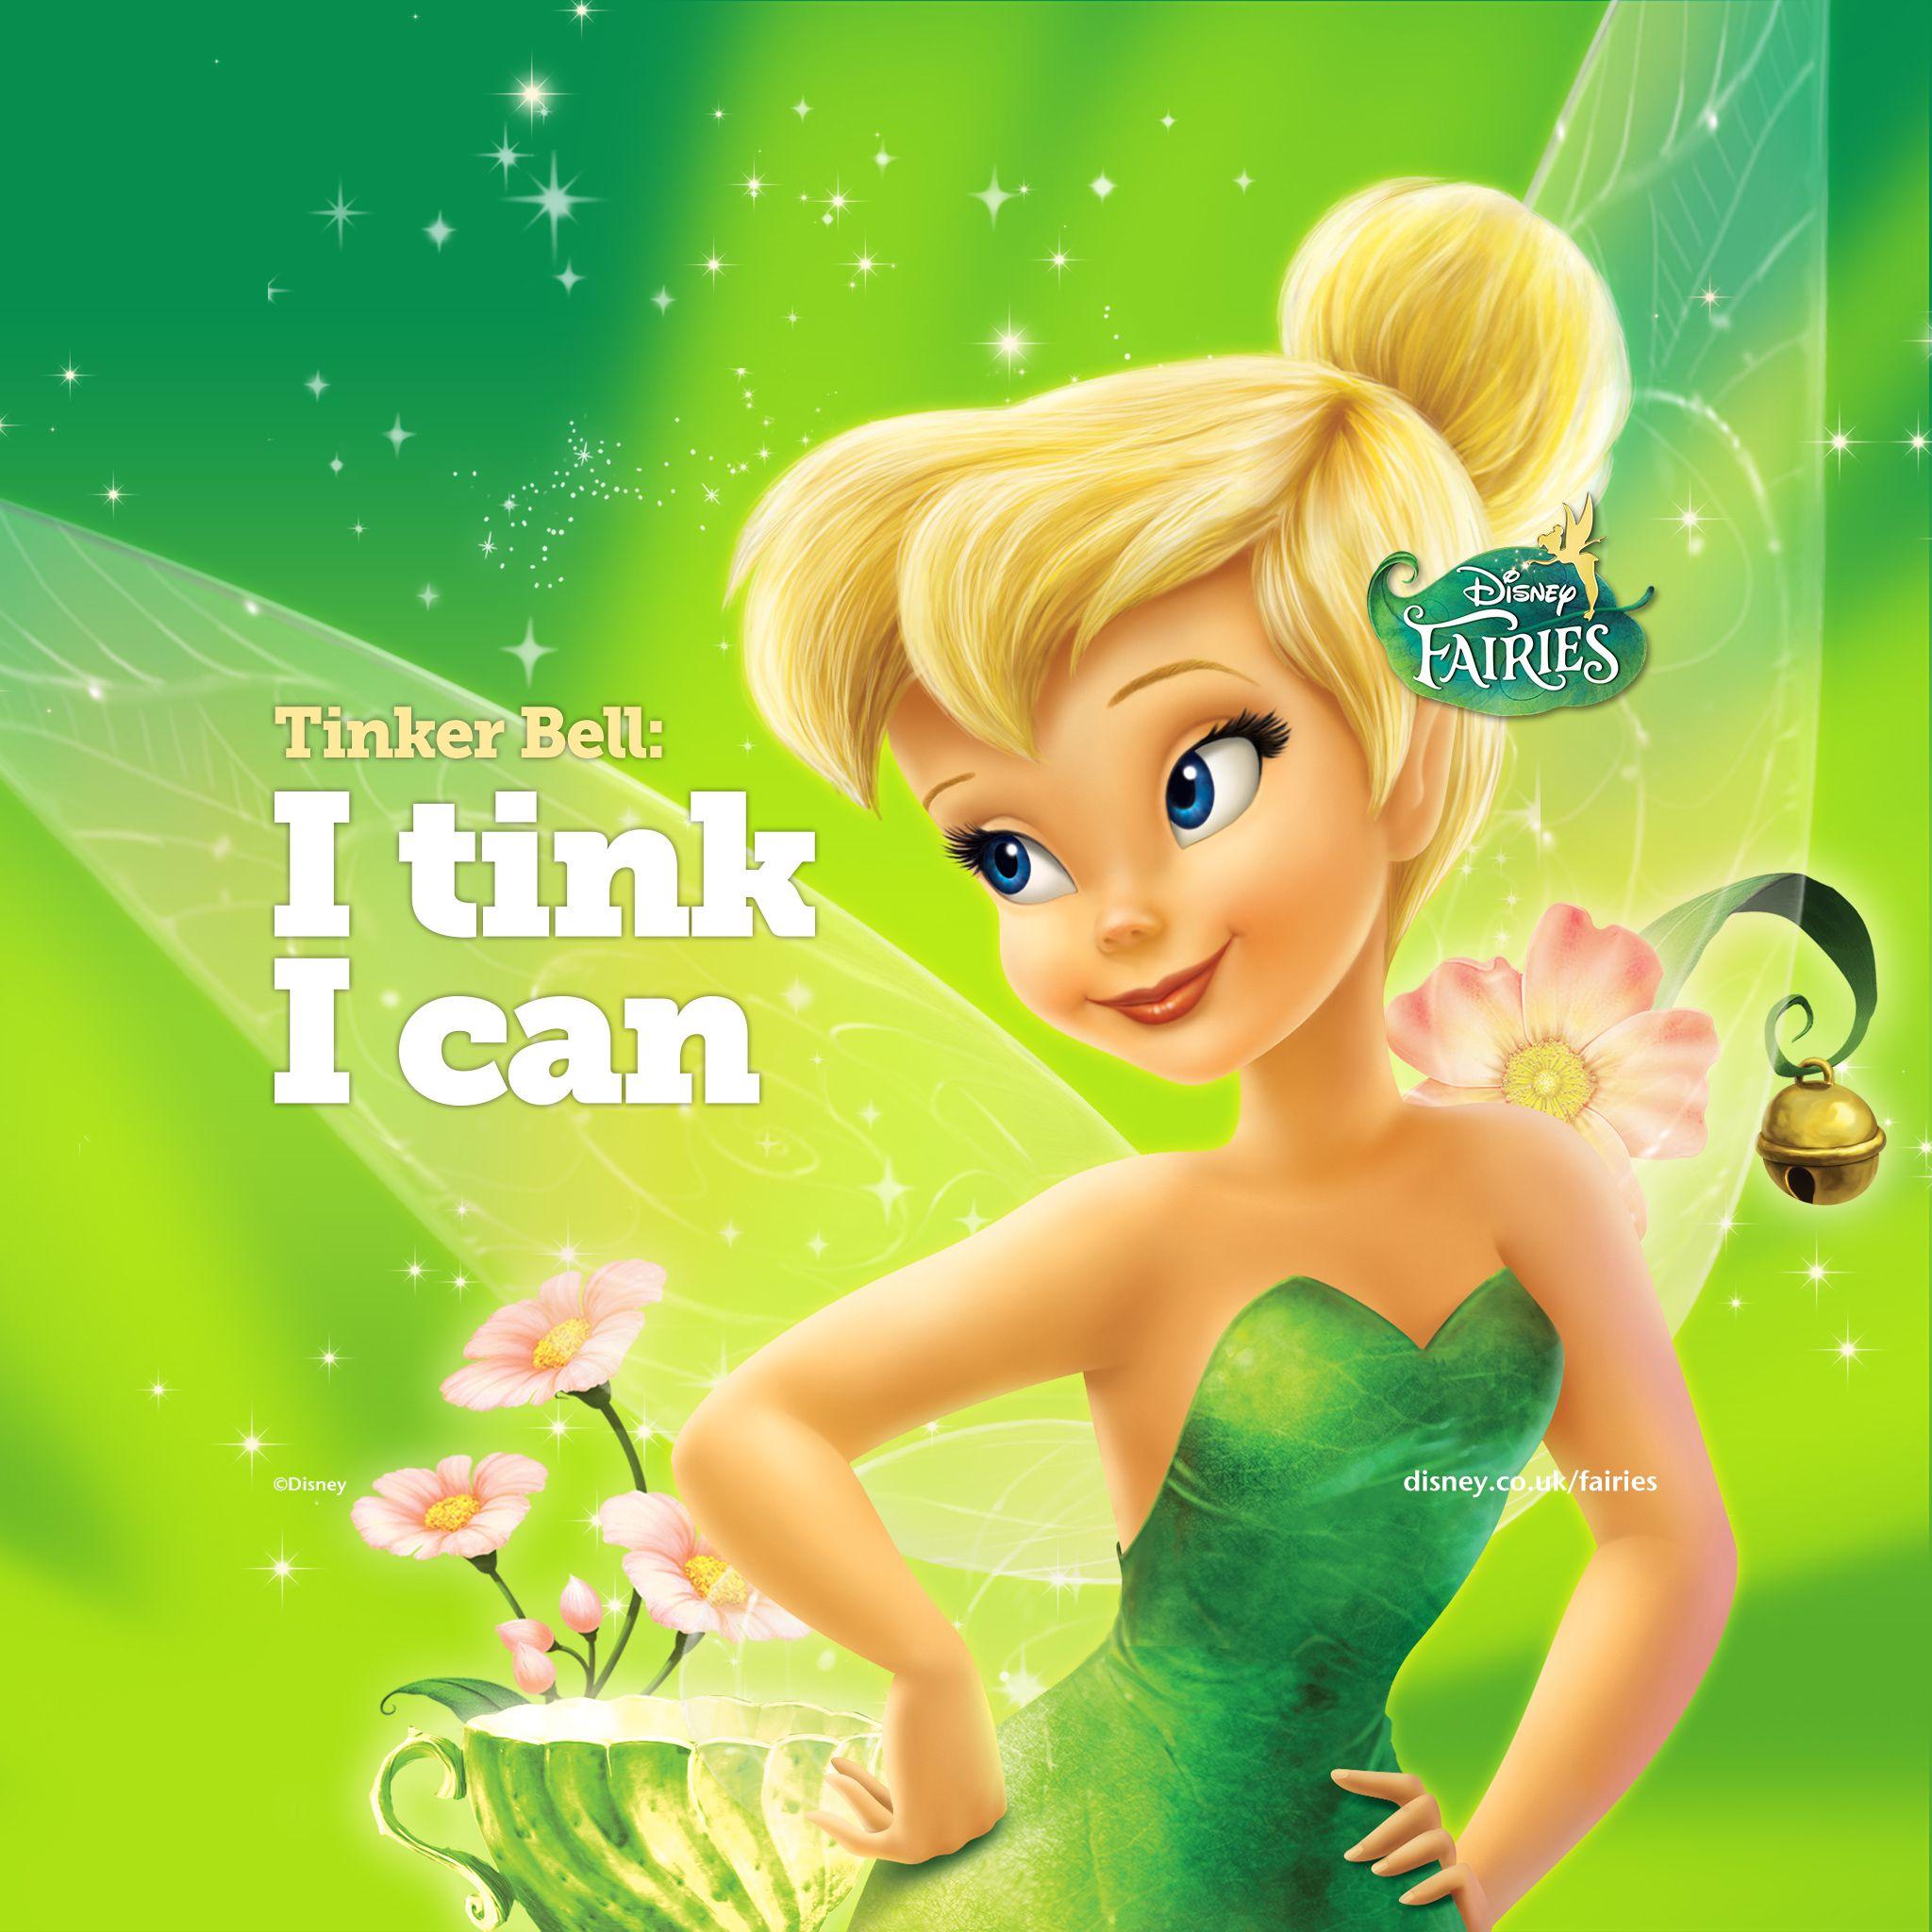 Ausmalbilder Tinkerbell Ein Sommer Voller Abenteuer : Disney Fairies Tinkerbell Tink Tinker Bell Ipad Tinkerbell